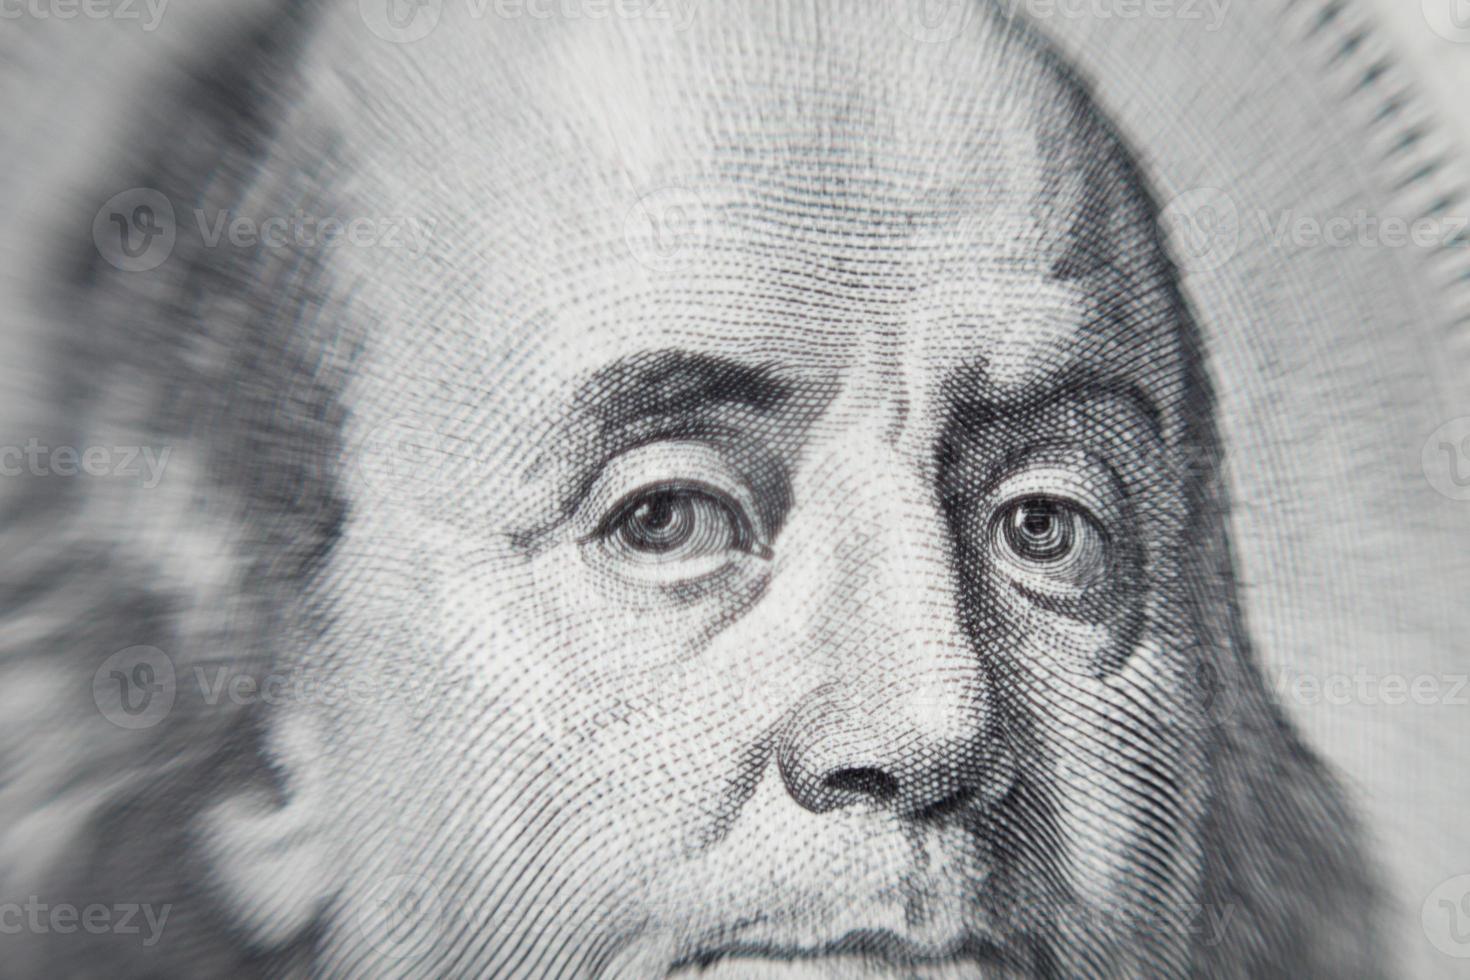 Benjamin Franklin's portrait photo